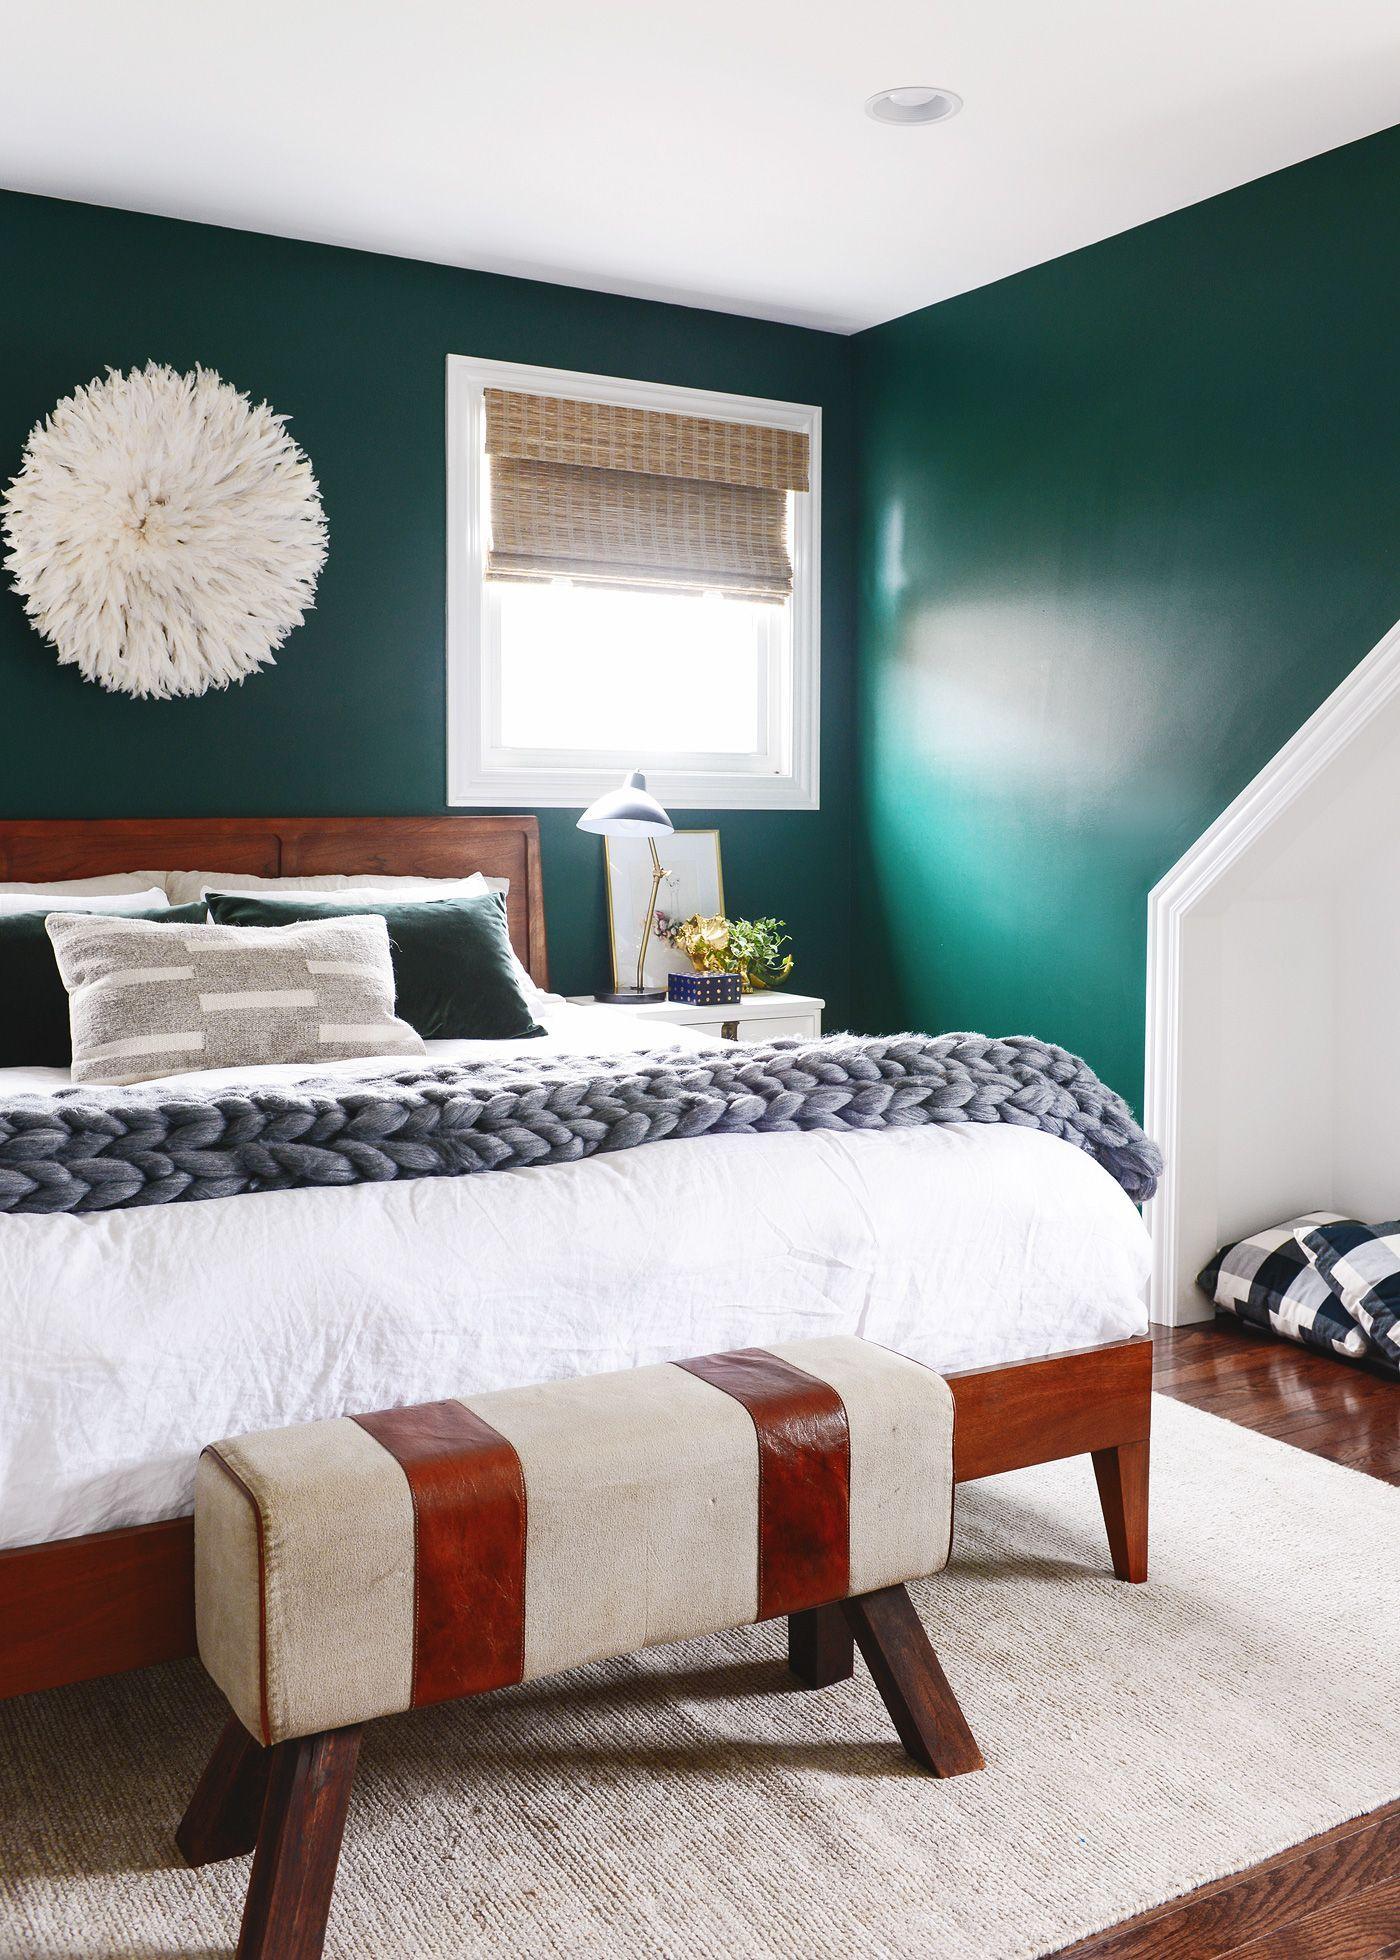 3 Big Dream Room Dream Team Makeovers Green Bedroom Walls